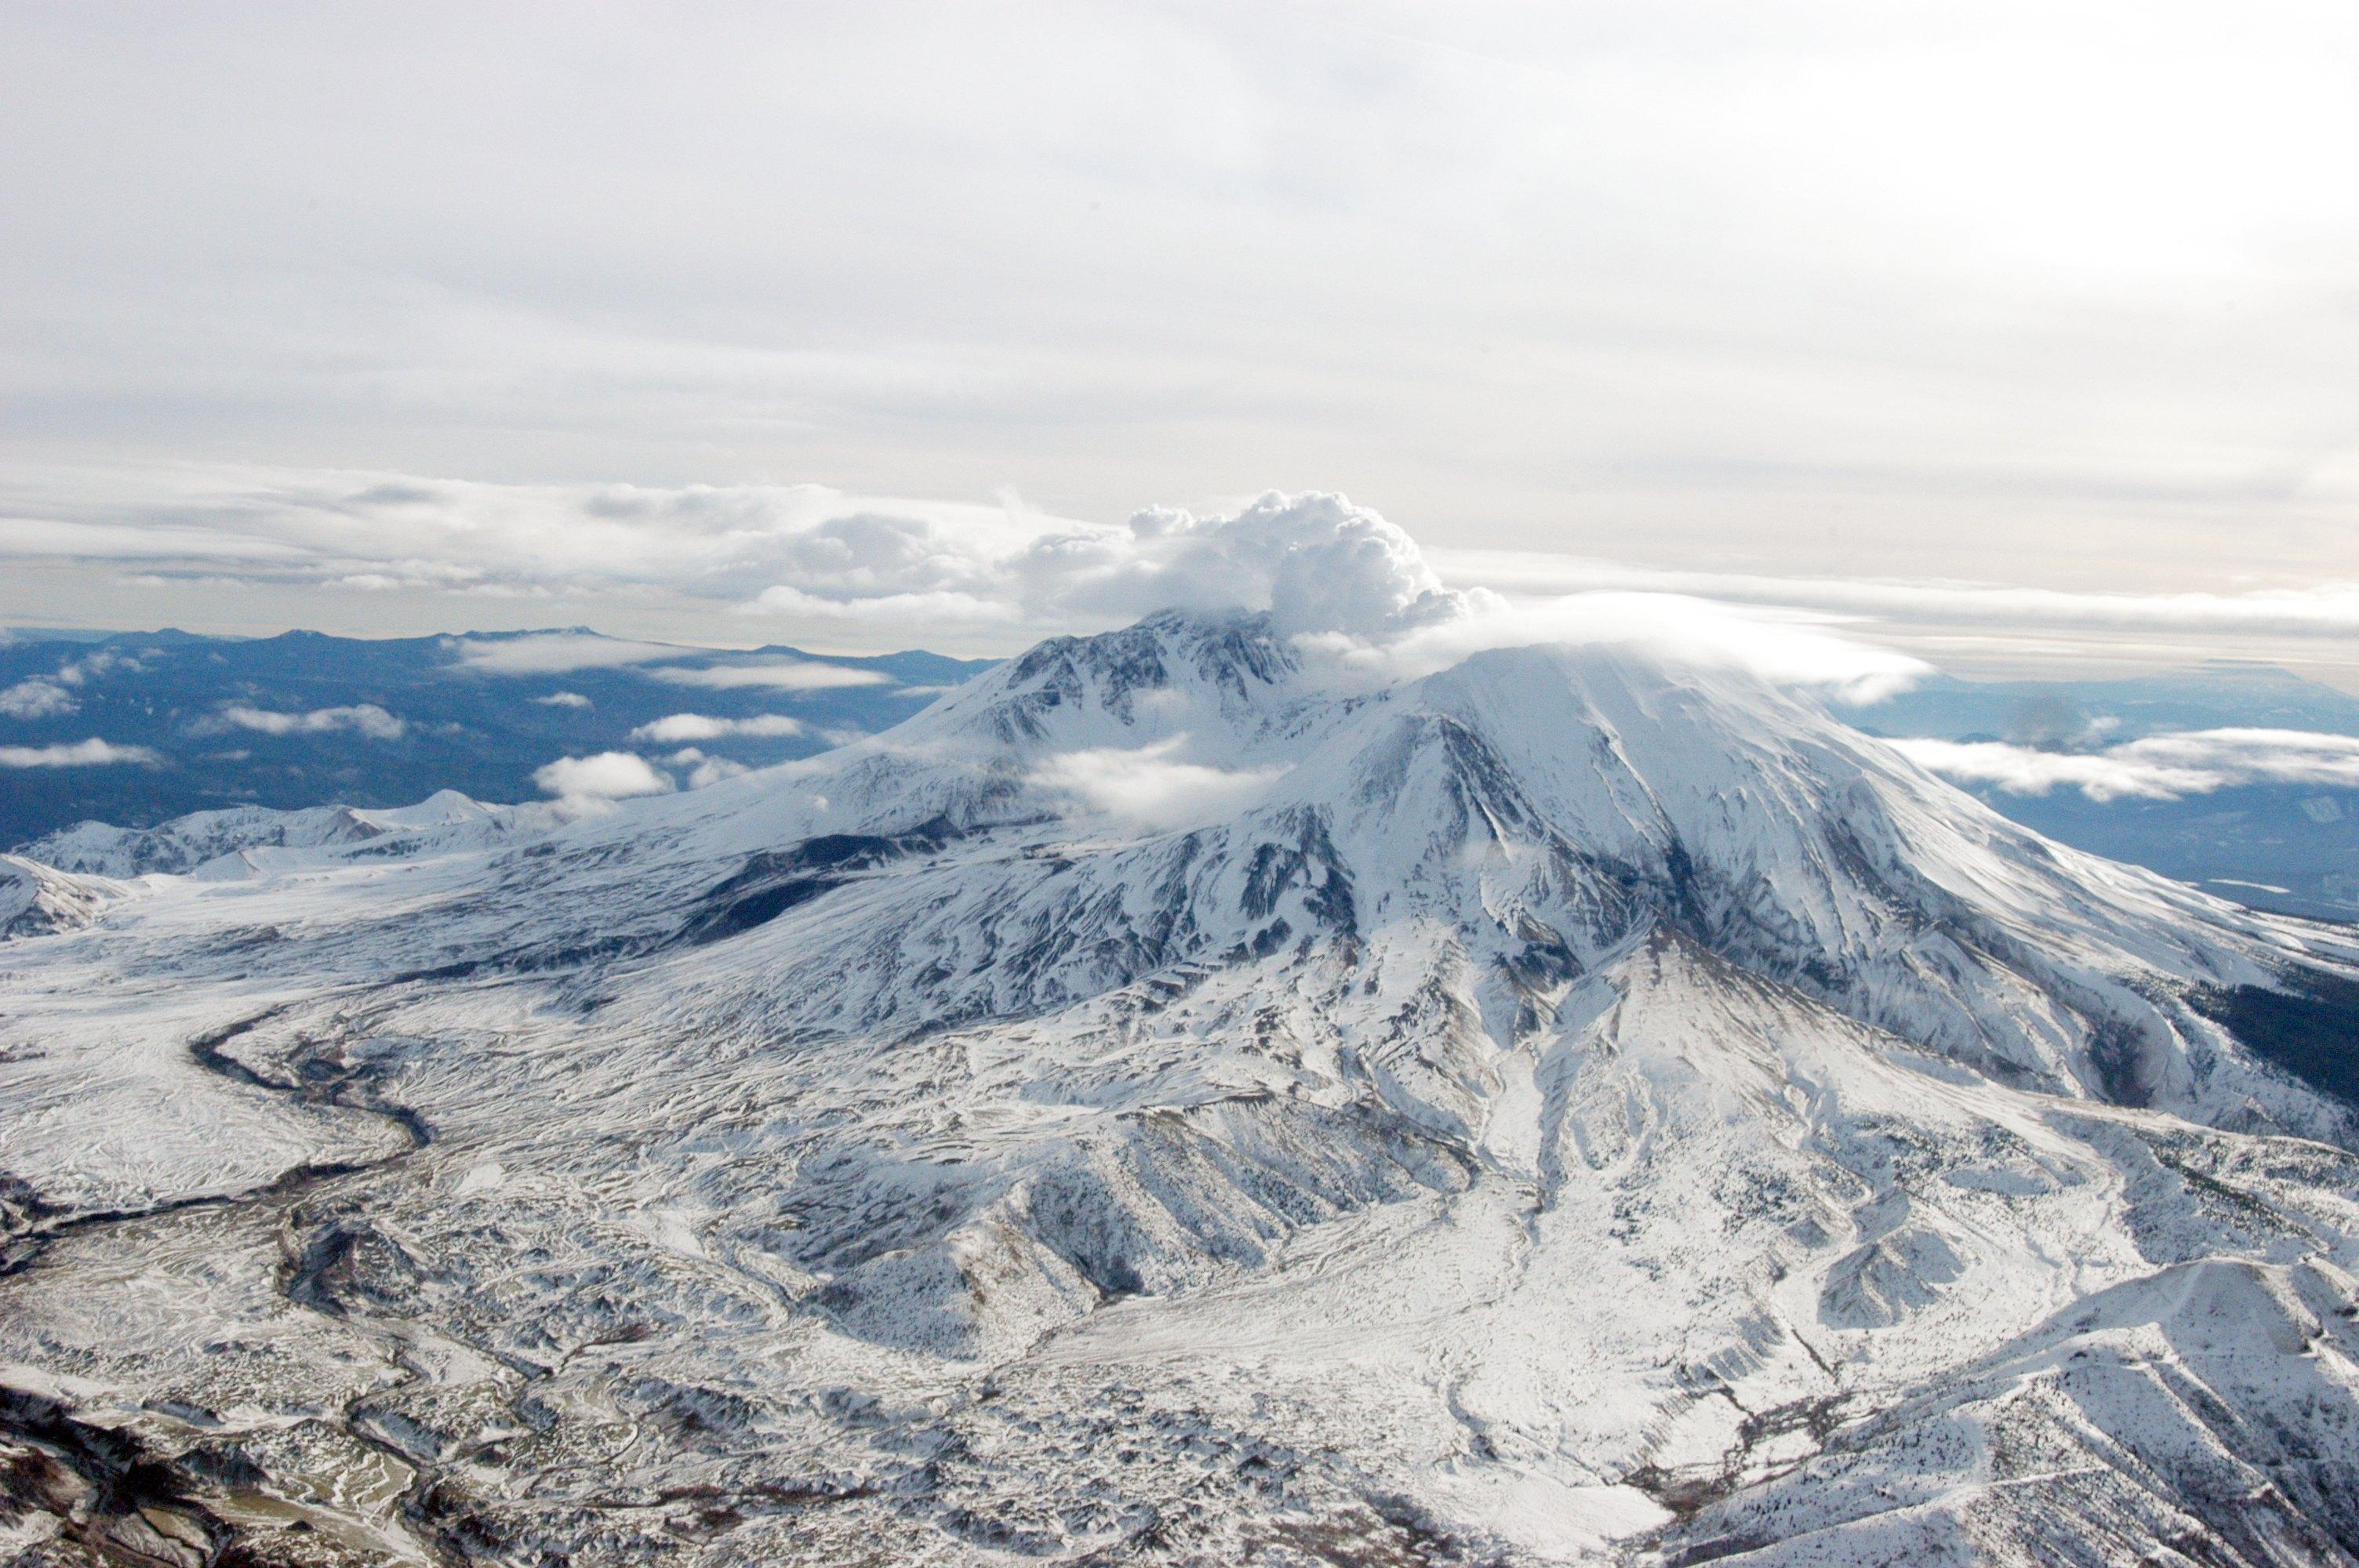 <br /> Сравнително ниският връх Вашингтон в САЩ държи световния рекорд за най-бързи ветрове на повърхността на Земята. Времето там се променя за минути и буквално може да убива. Скоростта на вятъра достига 327 км/ч. Слънчев ден може за съвсем кратко да се превърне в ледена буря, в която температурите са под минус 40 градуса по Целзий и снегът натрупва няколкометрови преспи. А самата планина е висока само 1917 метра, тоест е по-ниска от Витоша. Въпреки това климатът на там е по-екстремен от този на Еверест.